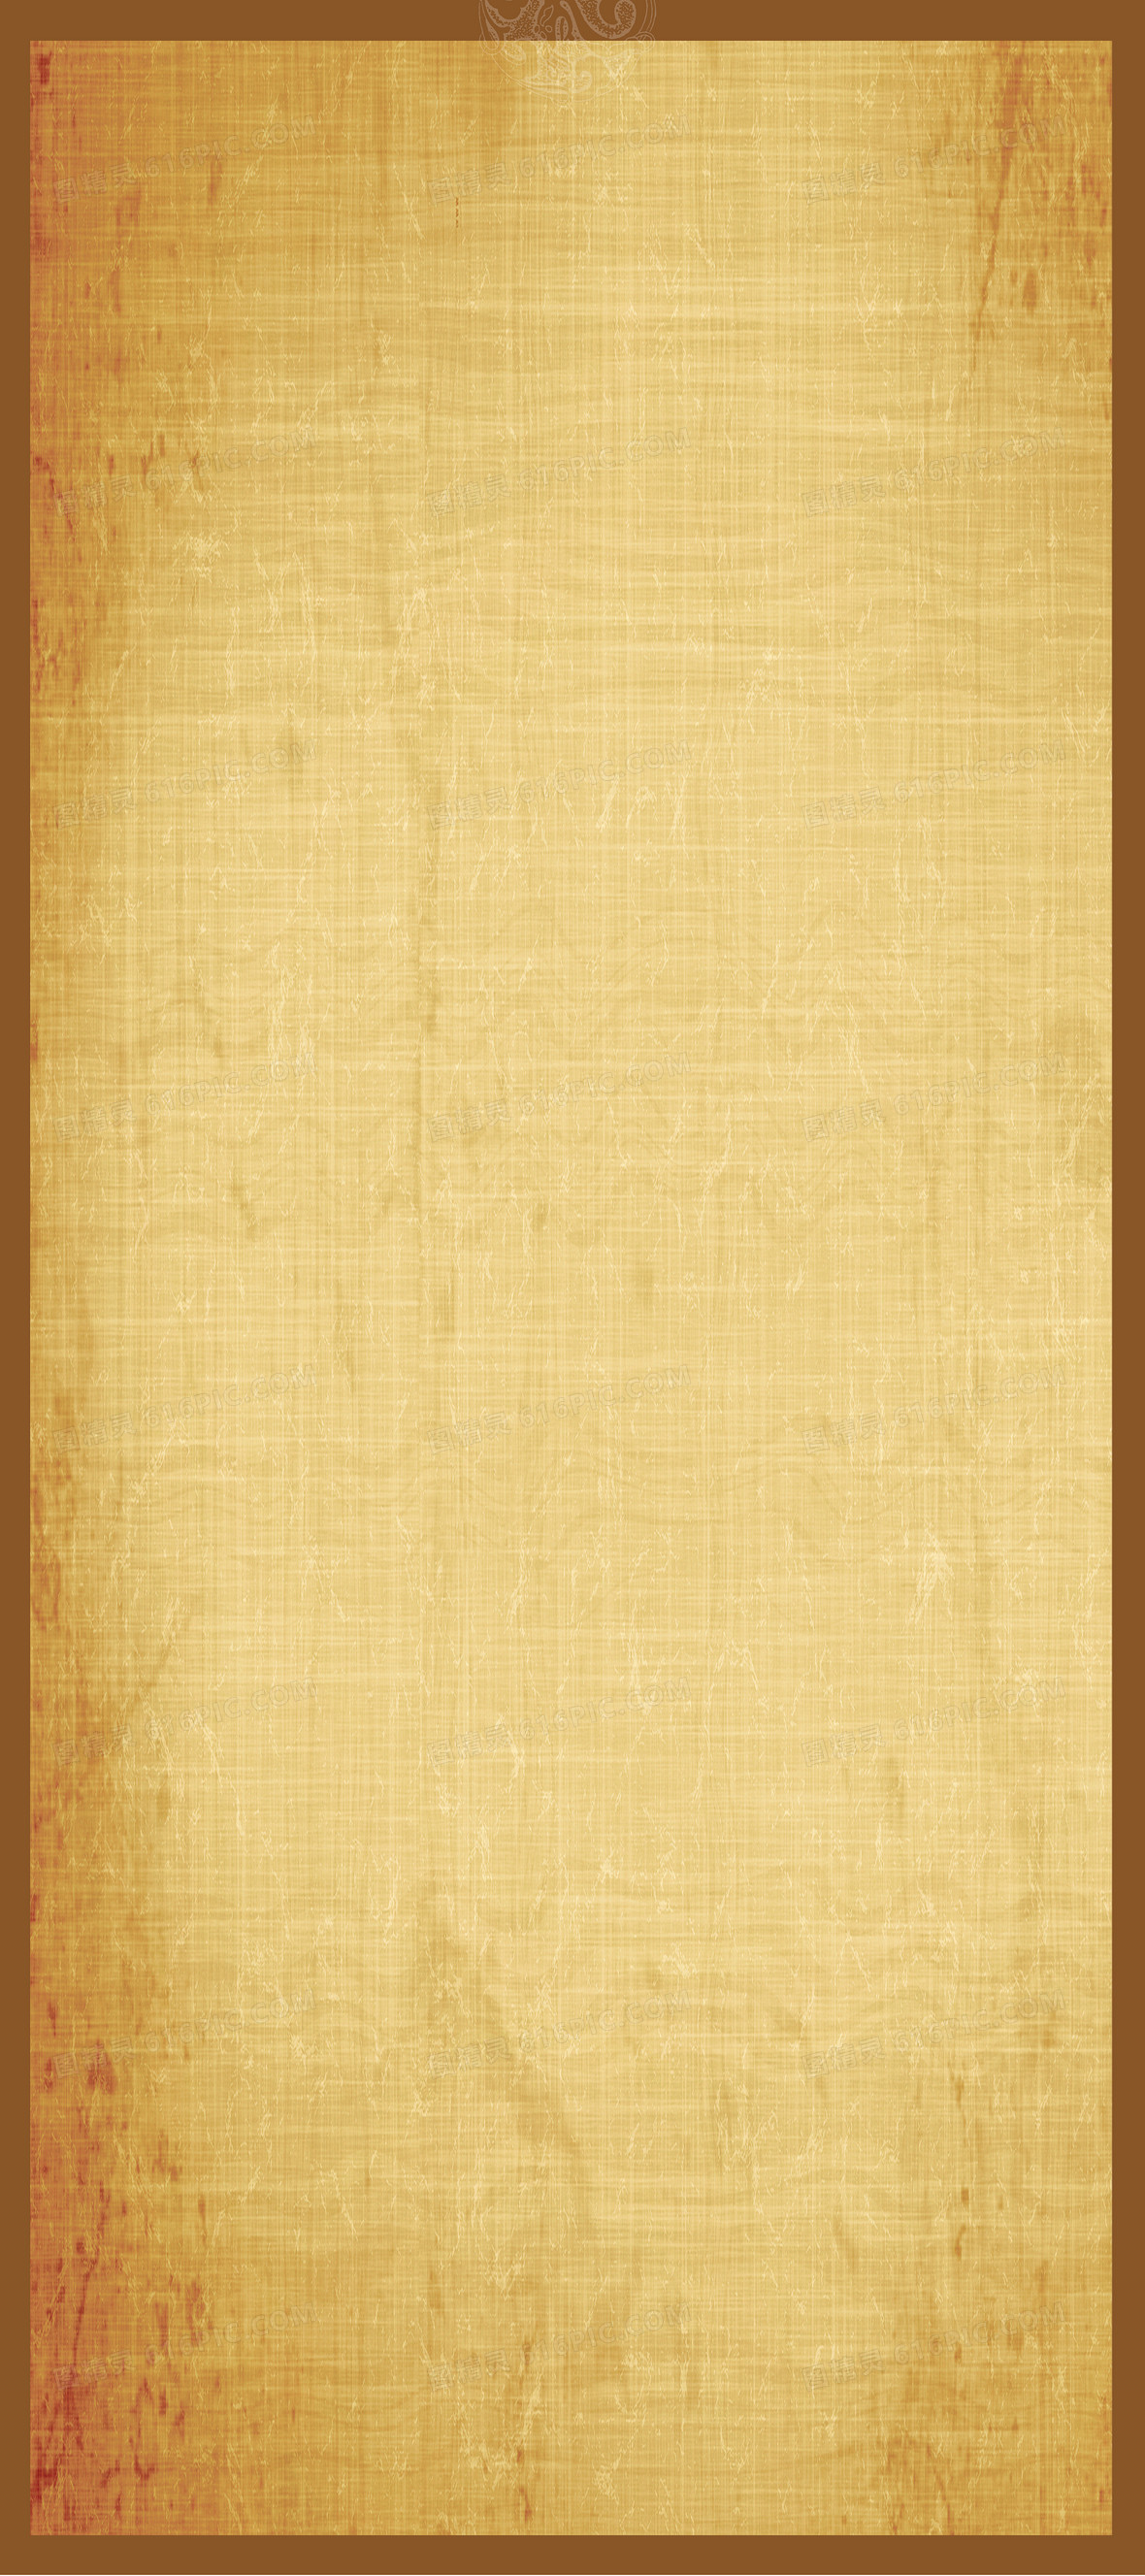 咖色壁纸贴图素材